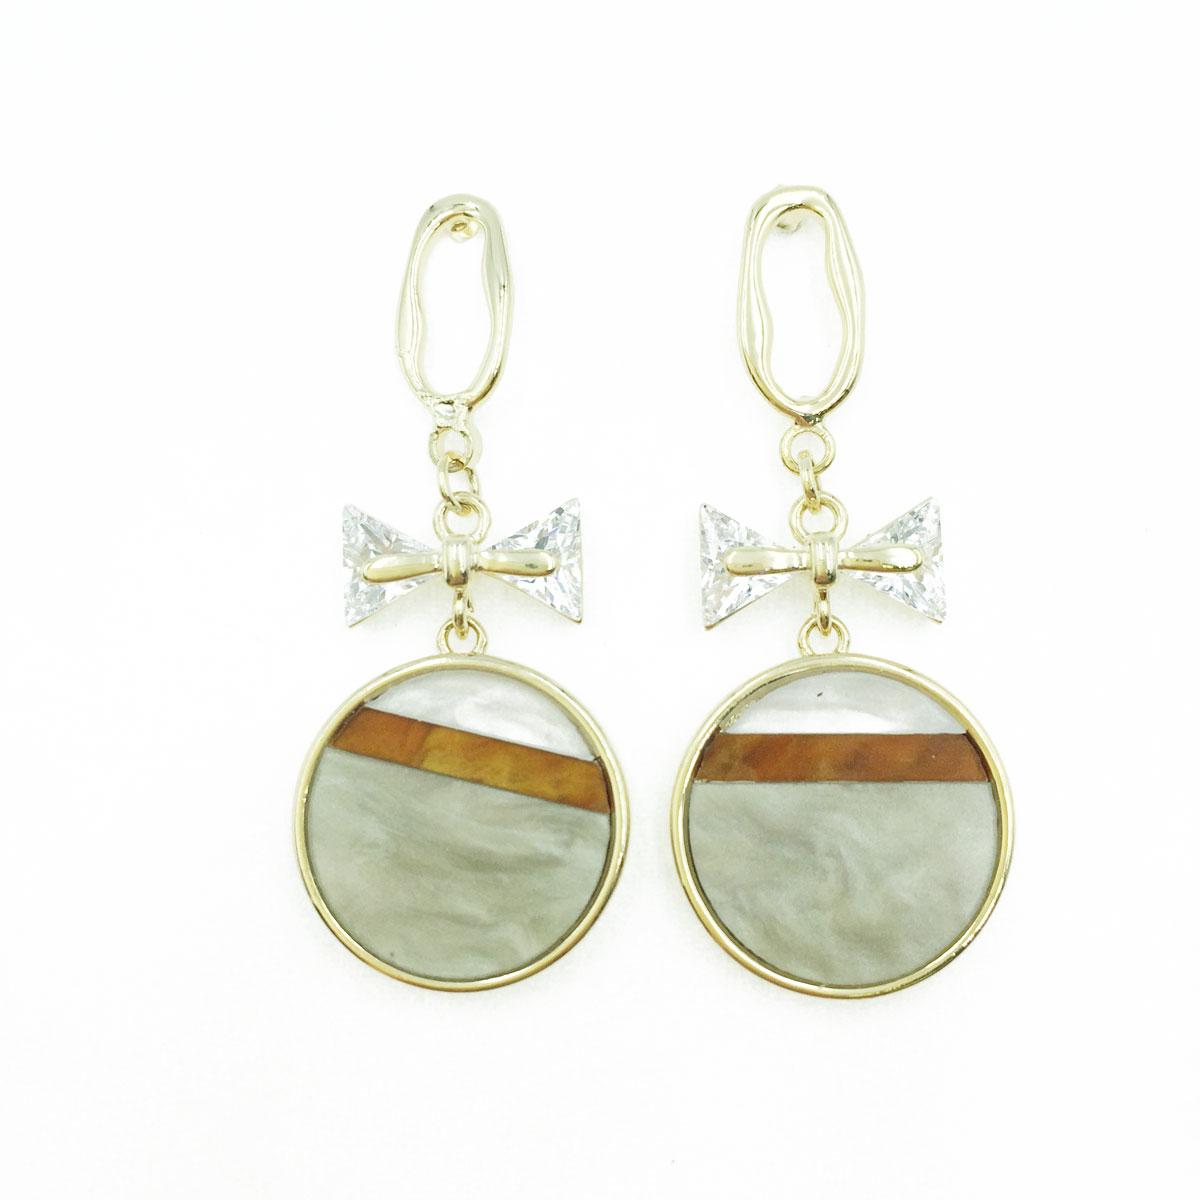 韓國 925純銀 水鑽 蝴蝶結 大理石 圓 造型 垂墜感 耳針式耳環